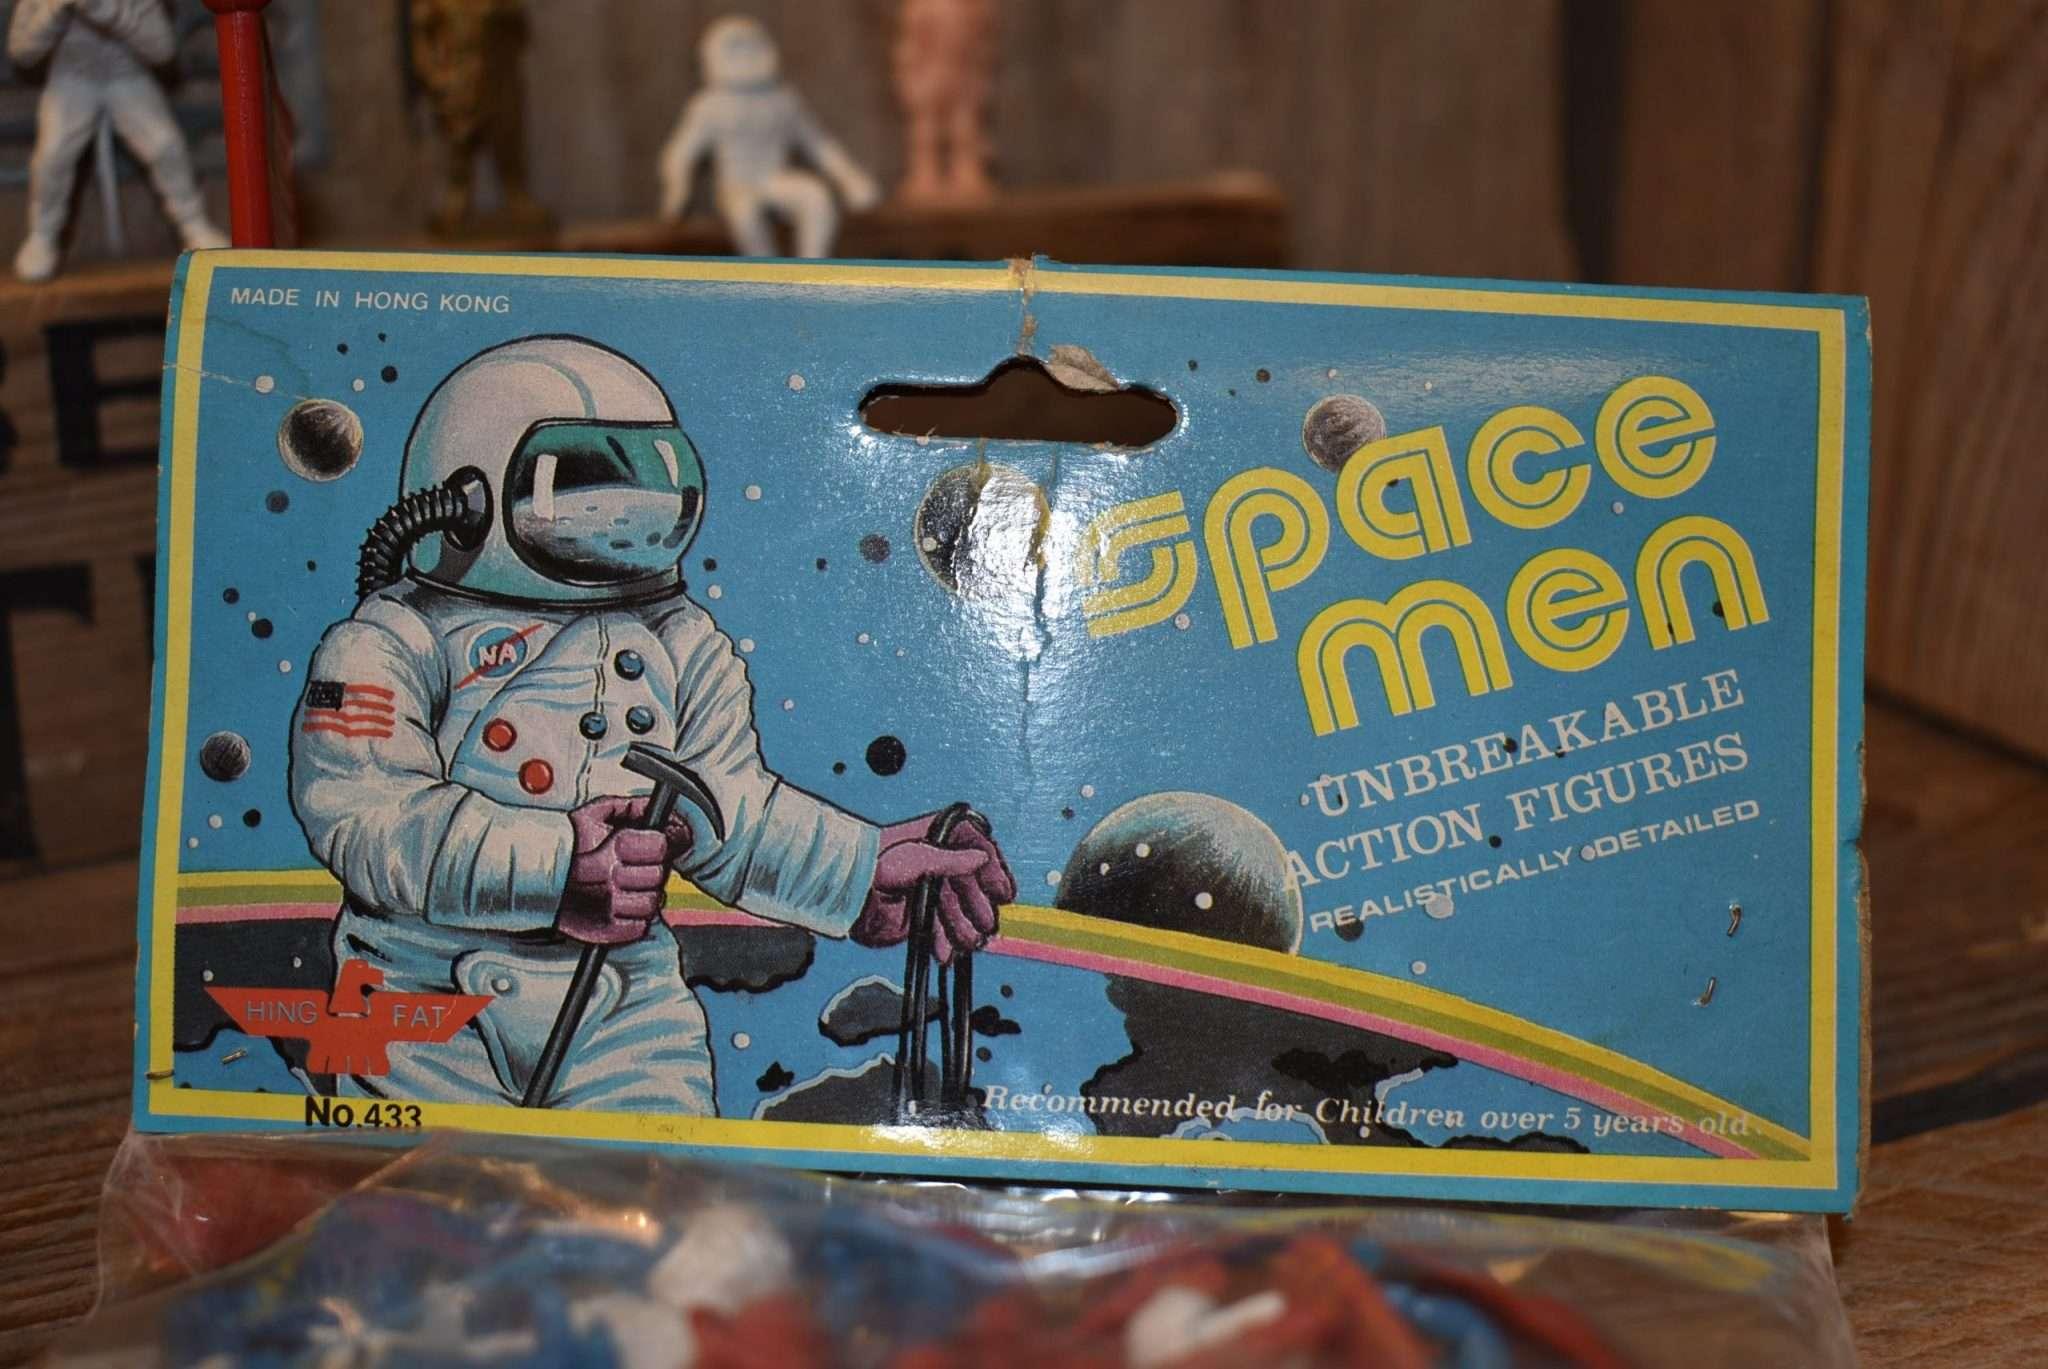 Hing Fat HK - Space Men